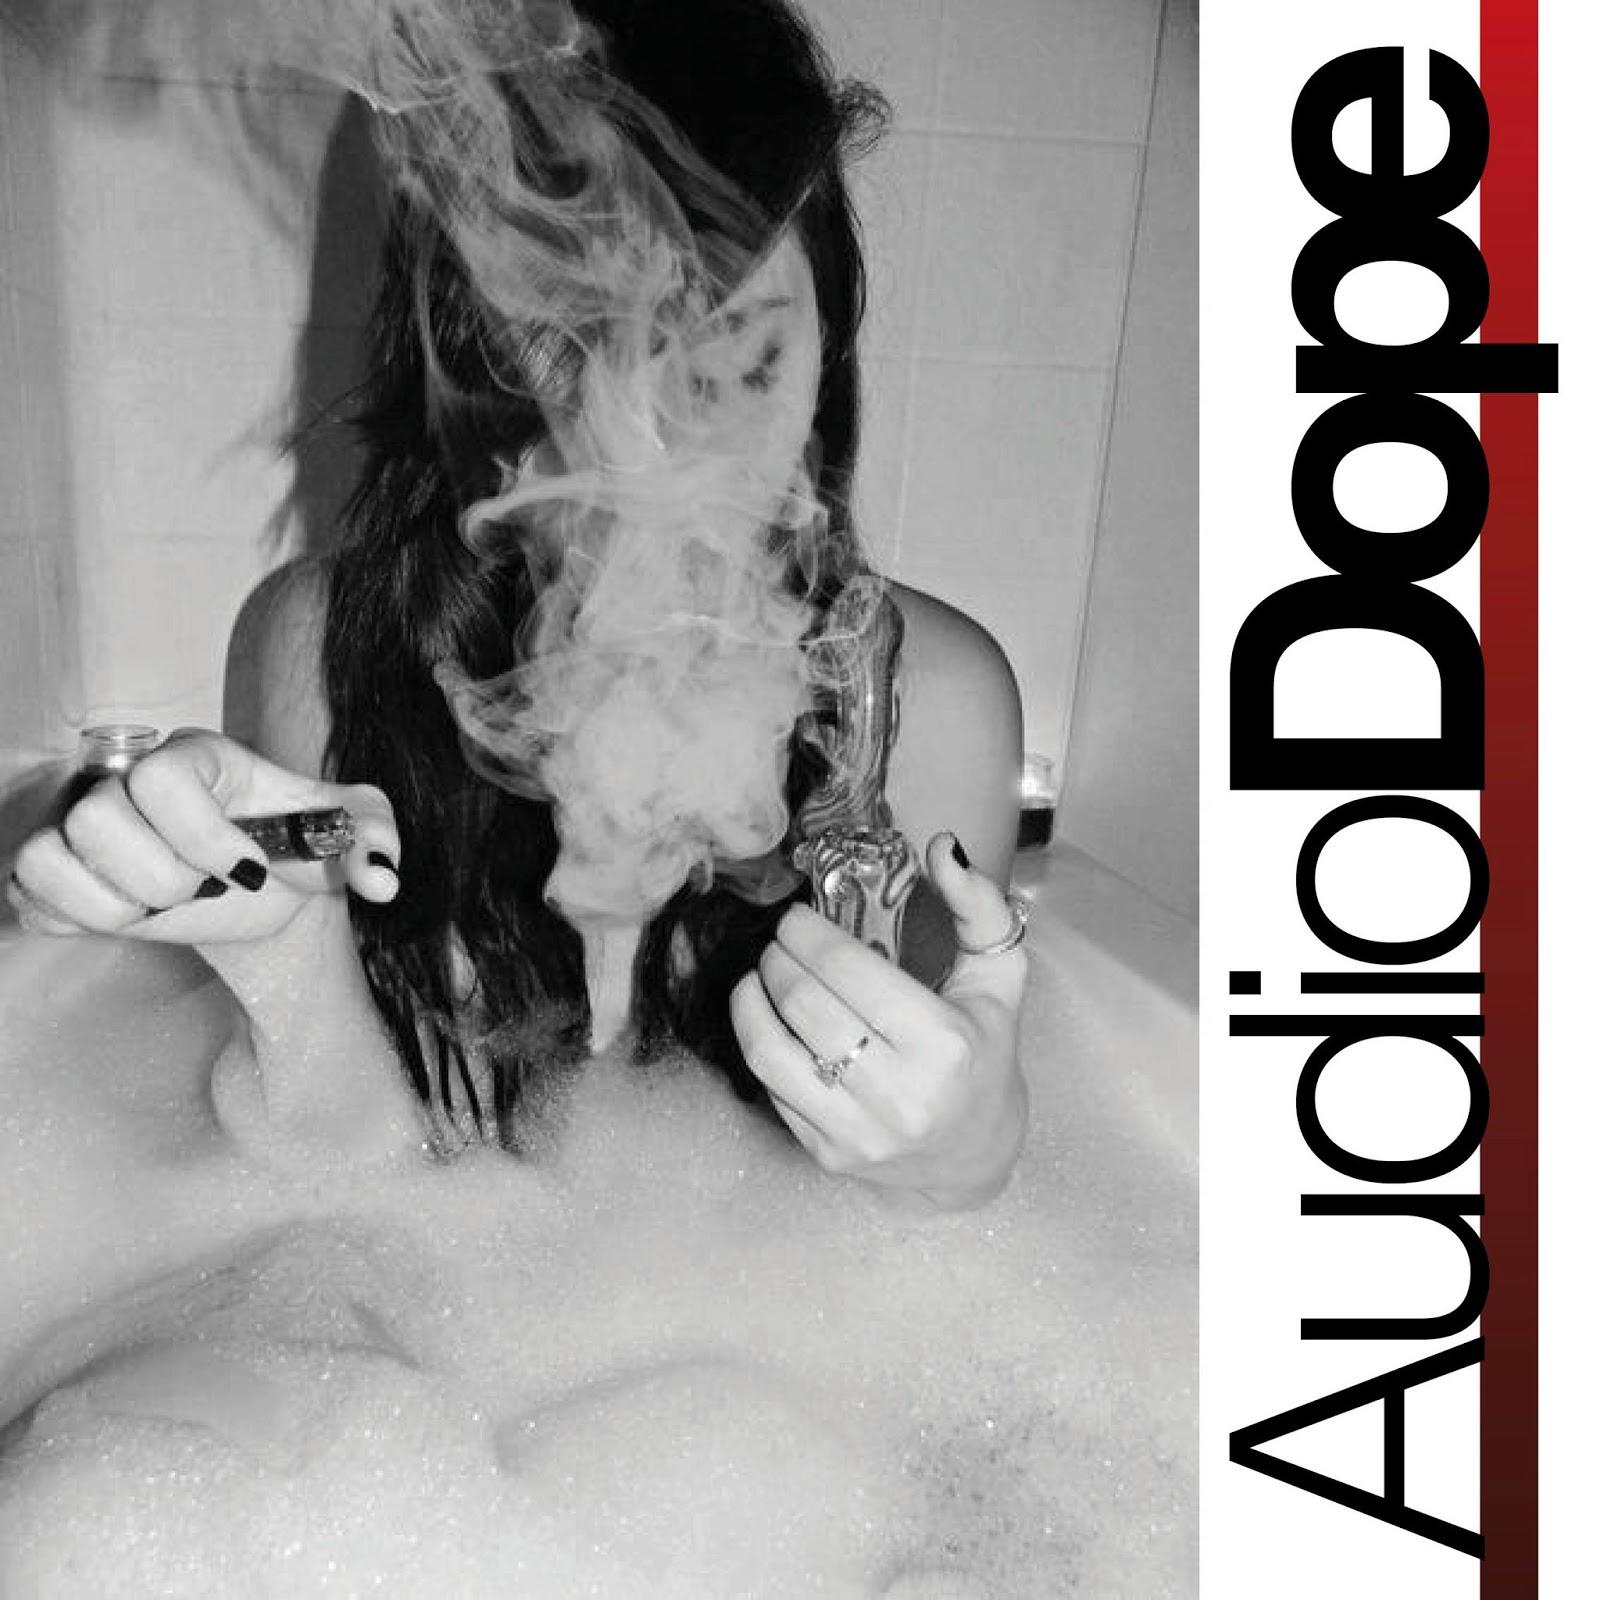 smoking an expensive dirty habit